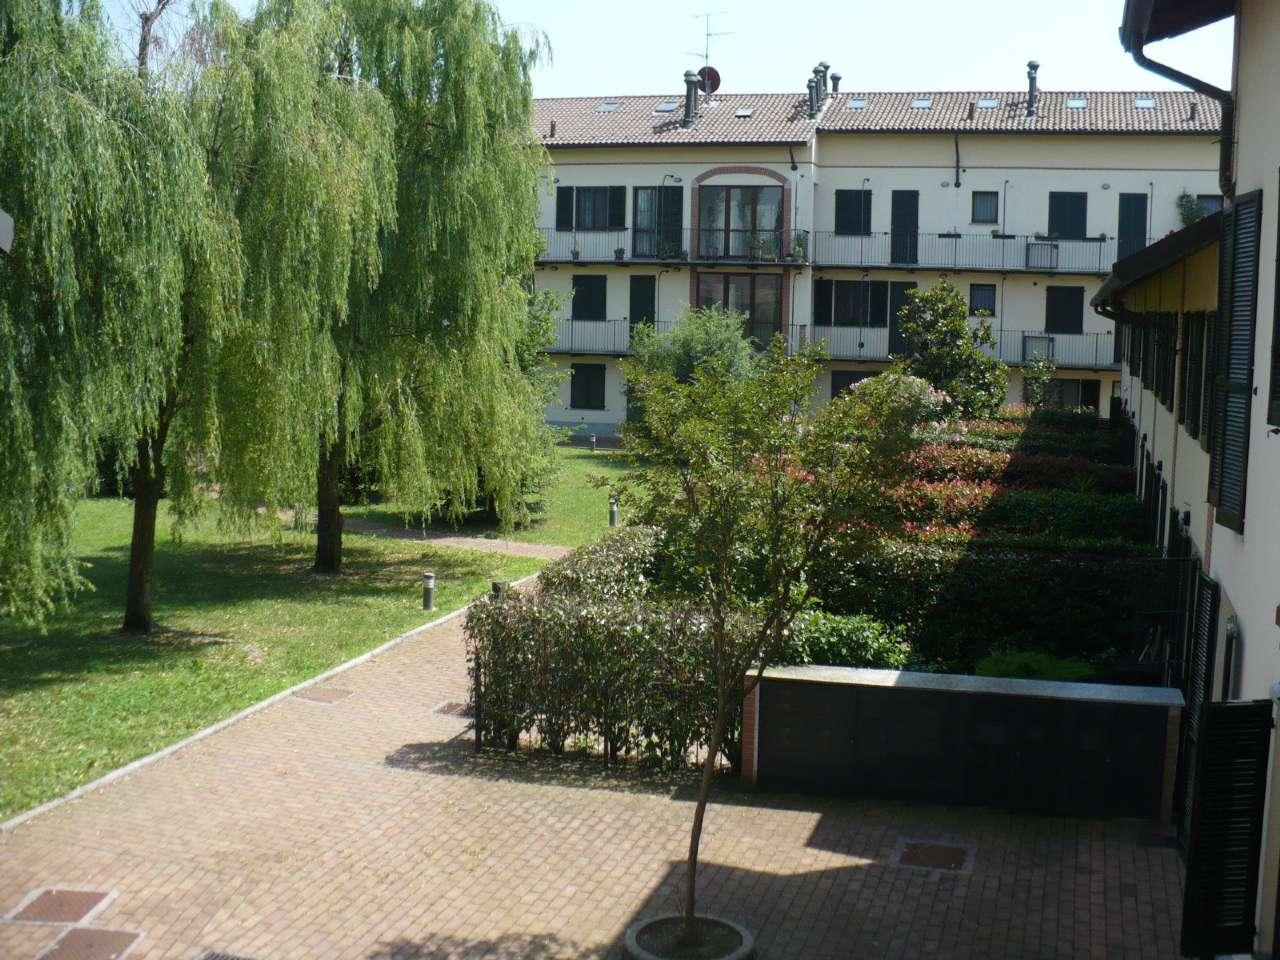 Appartamento in affitto a Peschiera Borromeo, 4 locali, prezzo € 1.300 | PortaleAgenzieImmobiliari.it